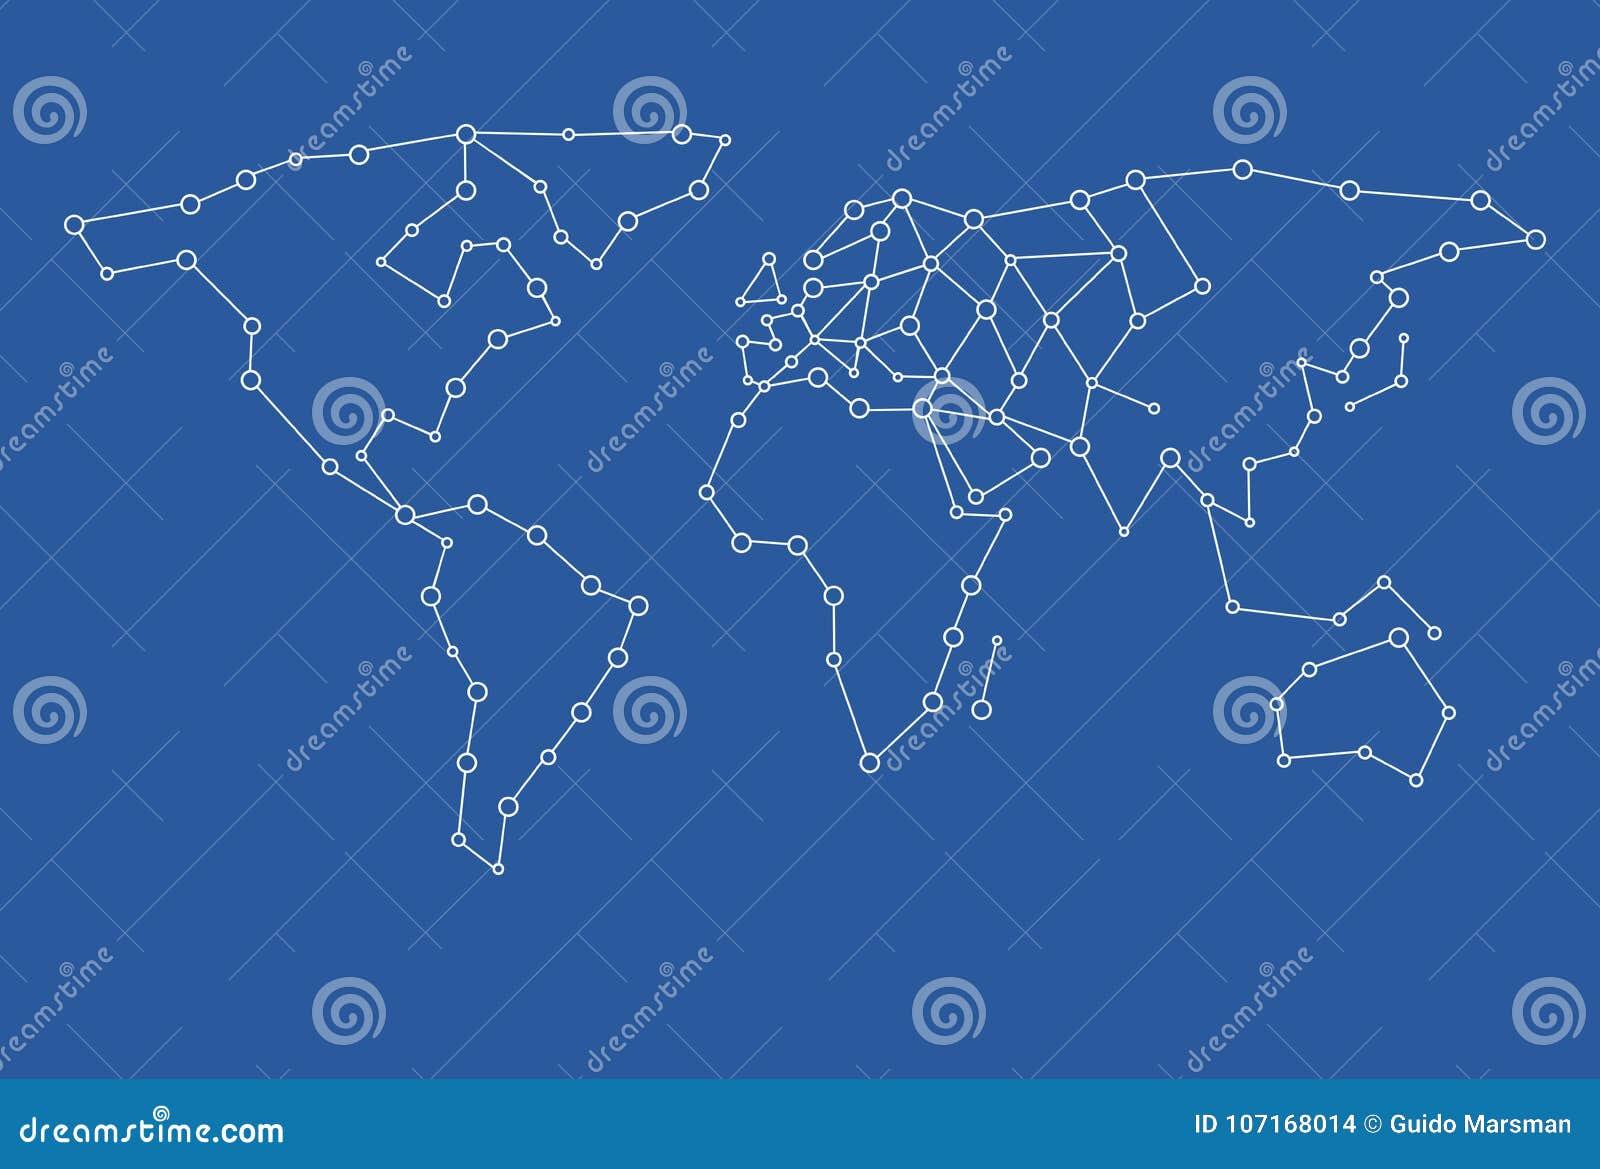 Mapa Del Mundo Vacio.Un Punto En Blanco De La Plantilla Del Mapa Del Mundo Vacio